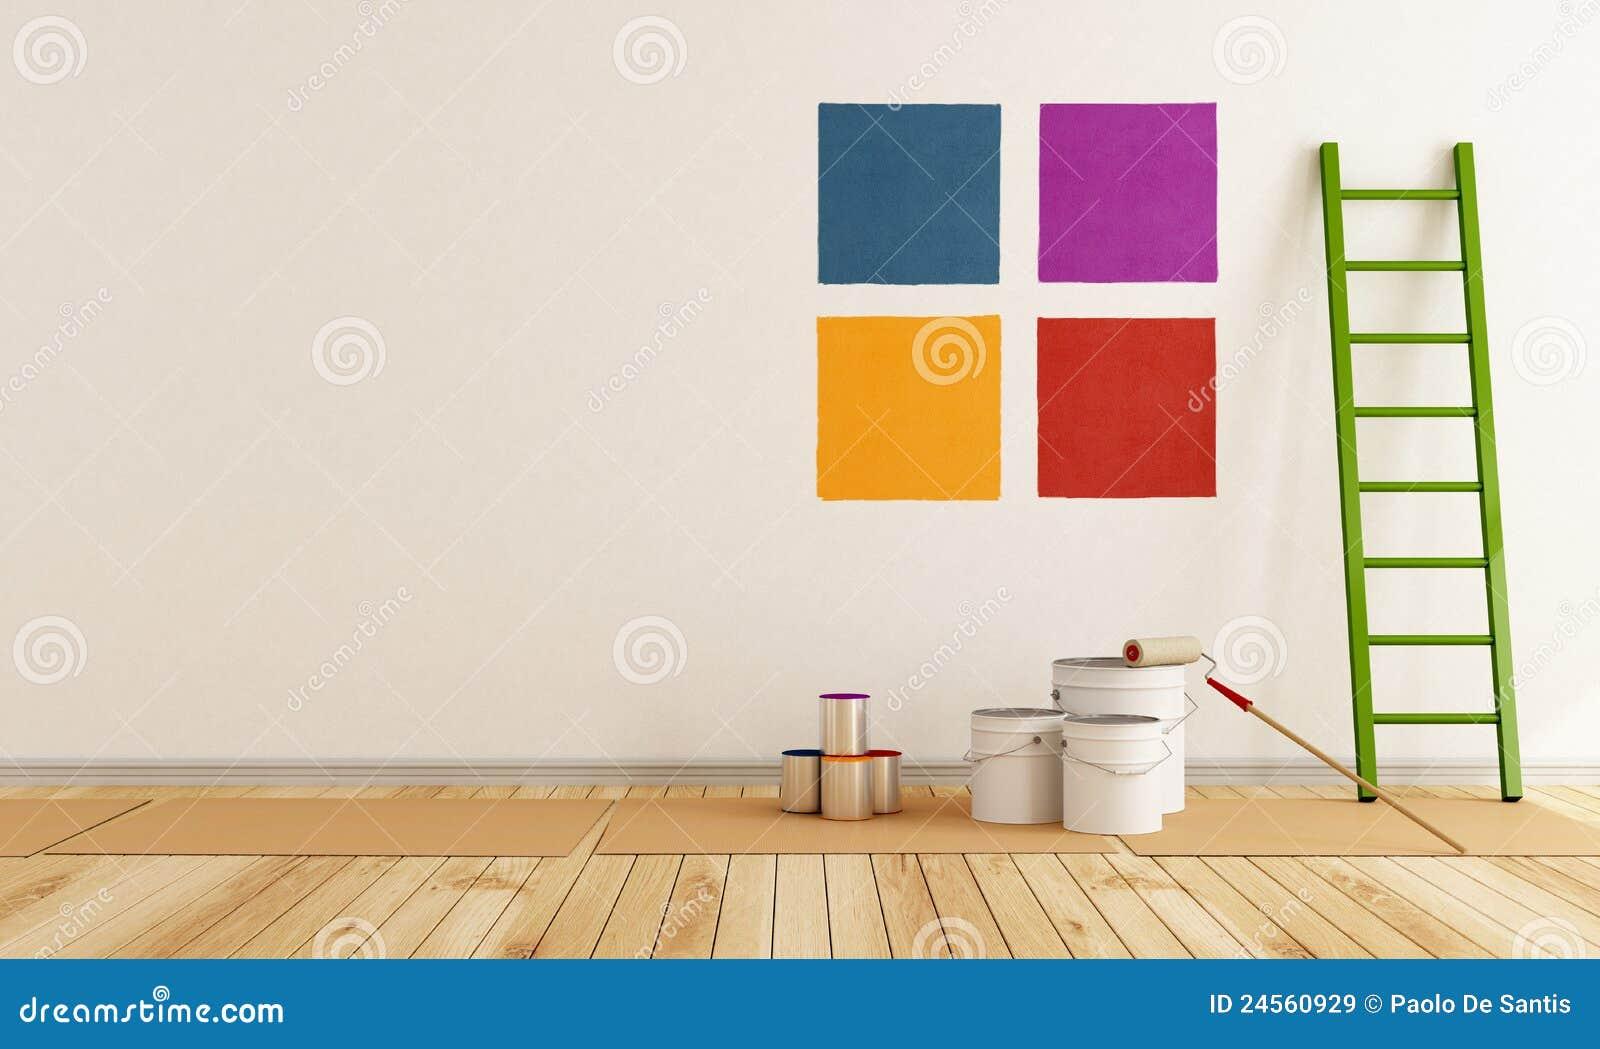 Seleccione la muestra del color para pintar la pared for Muestra colores pintura pared